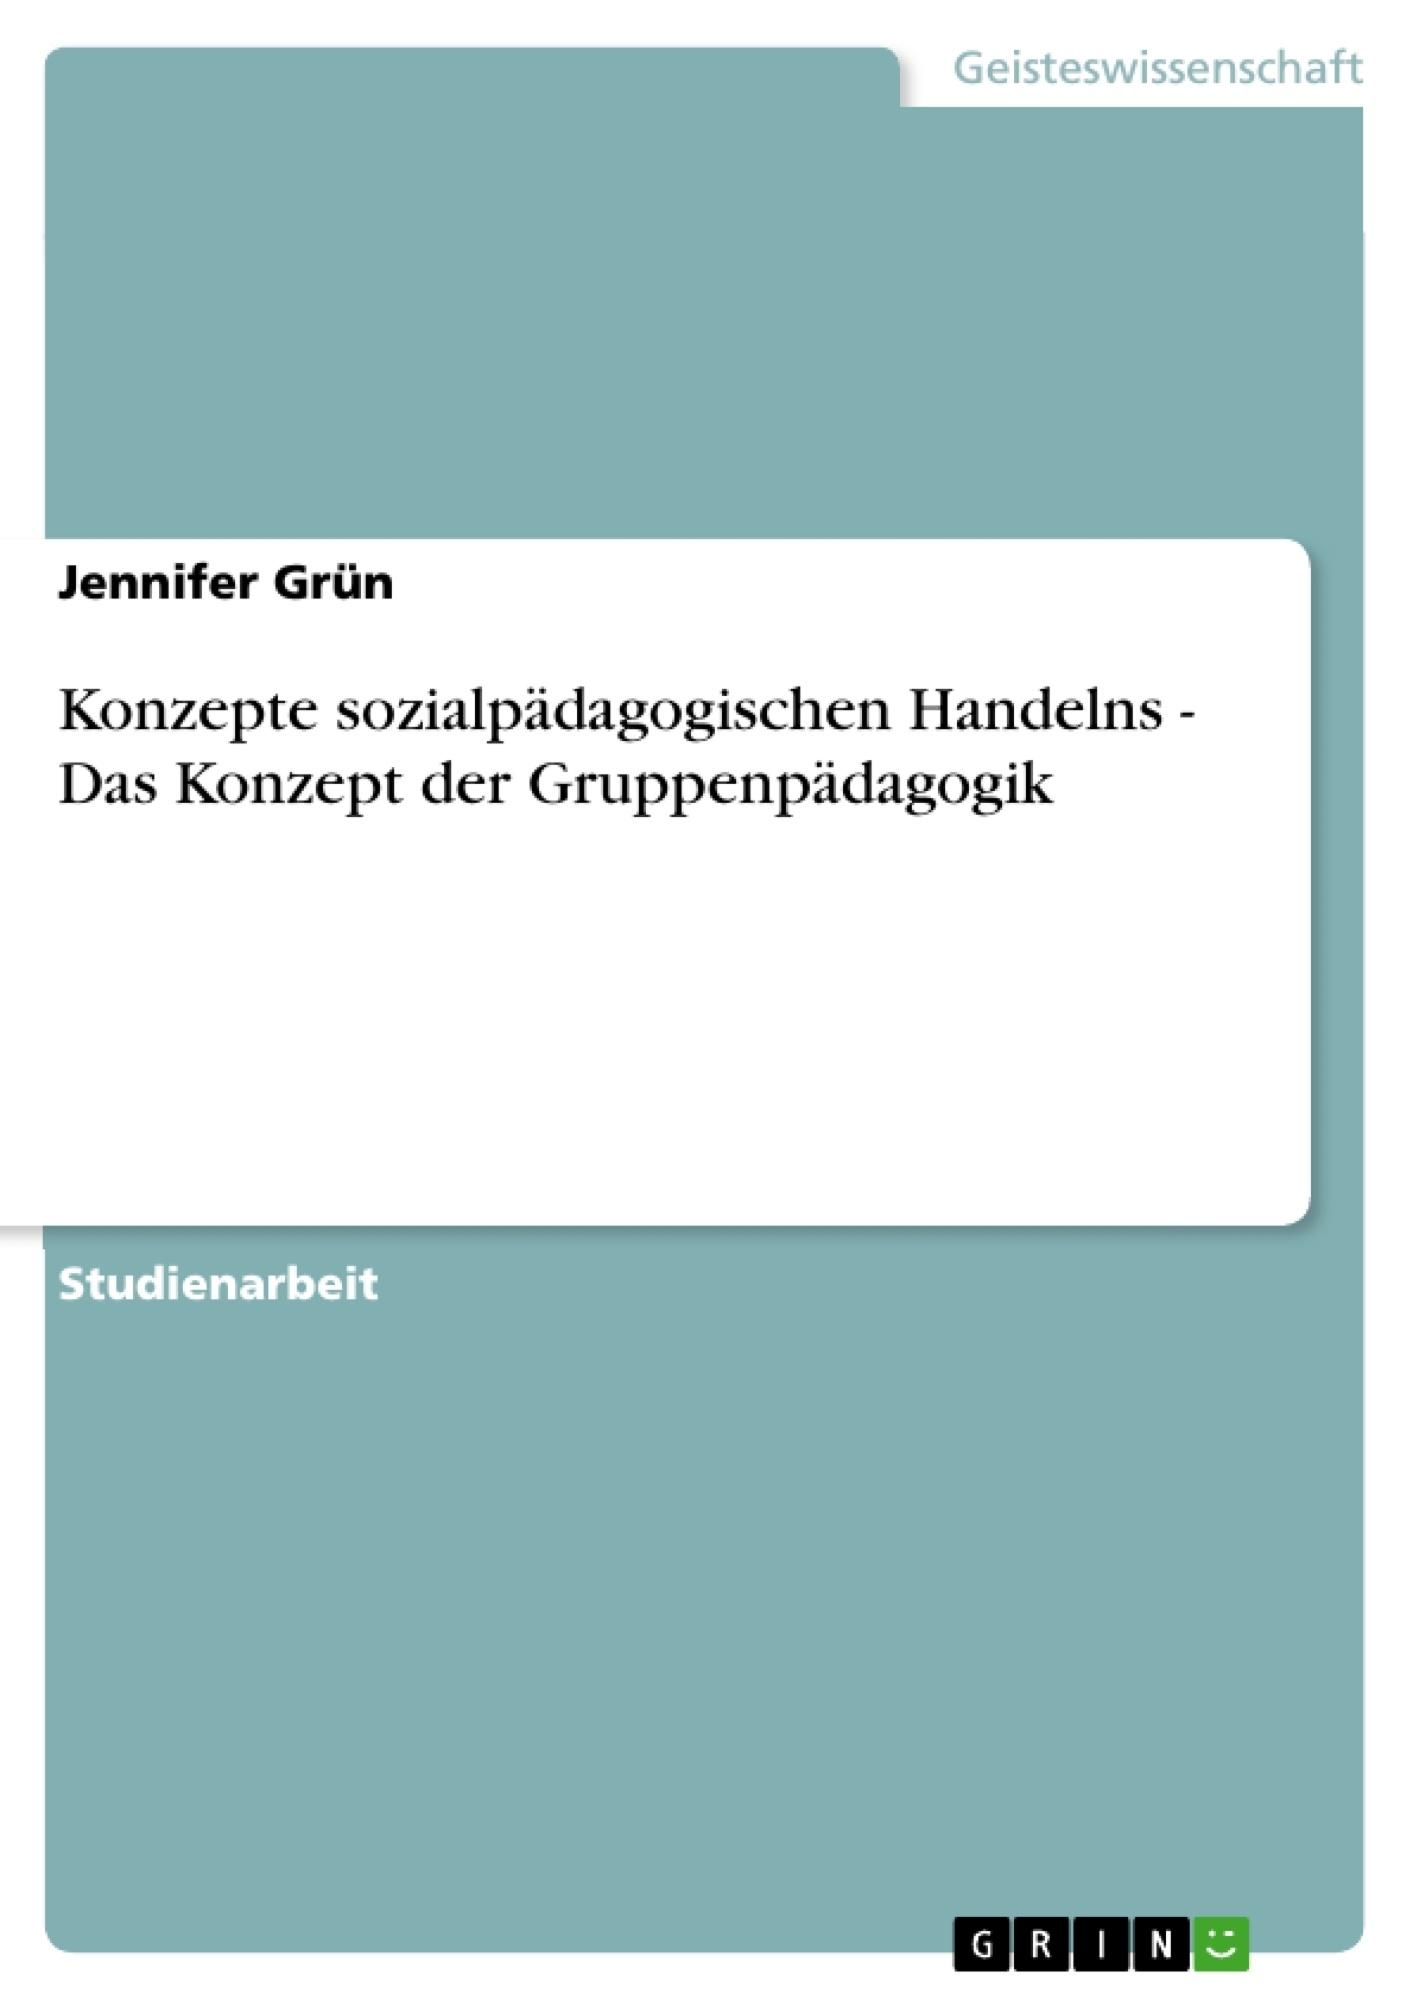 Titel: Konzepte sozialpädagogischen Handelns - Das Konzept der Gruppenpädagogik